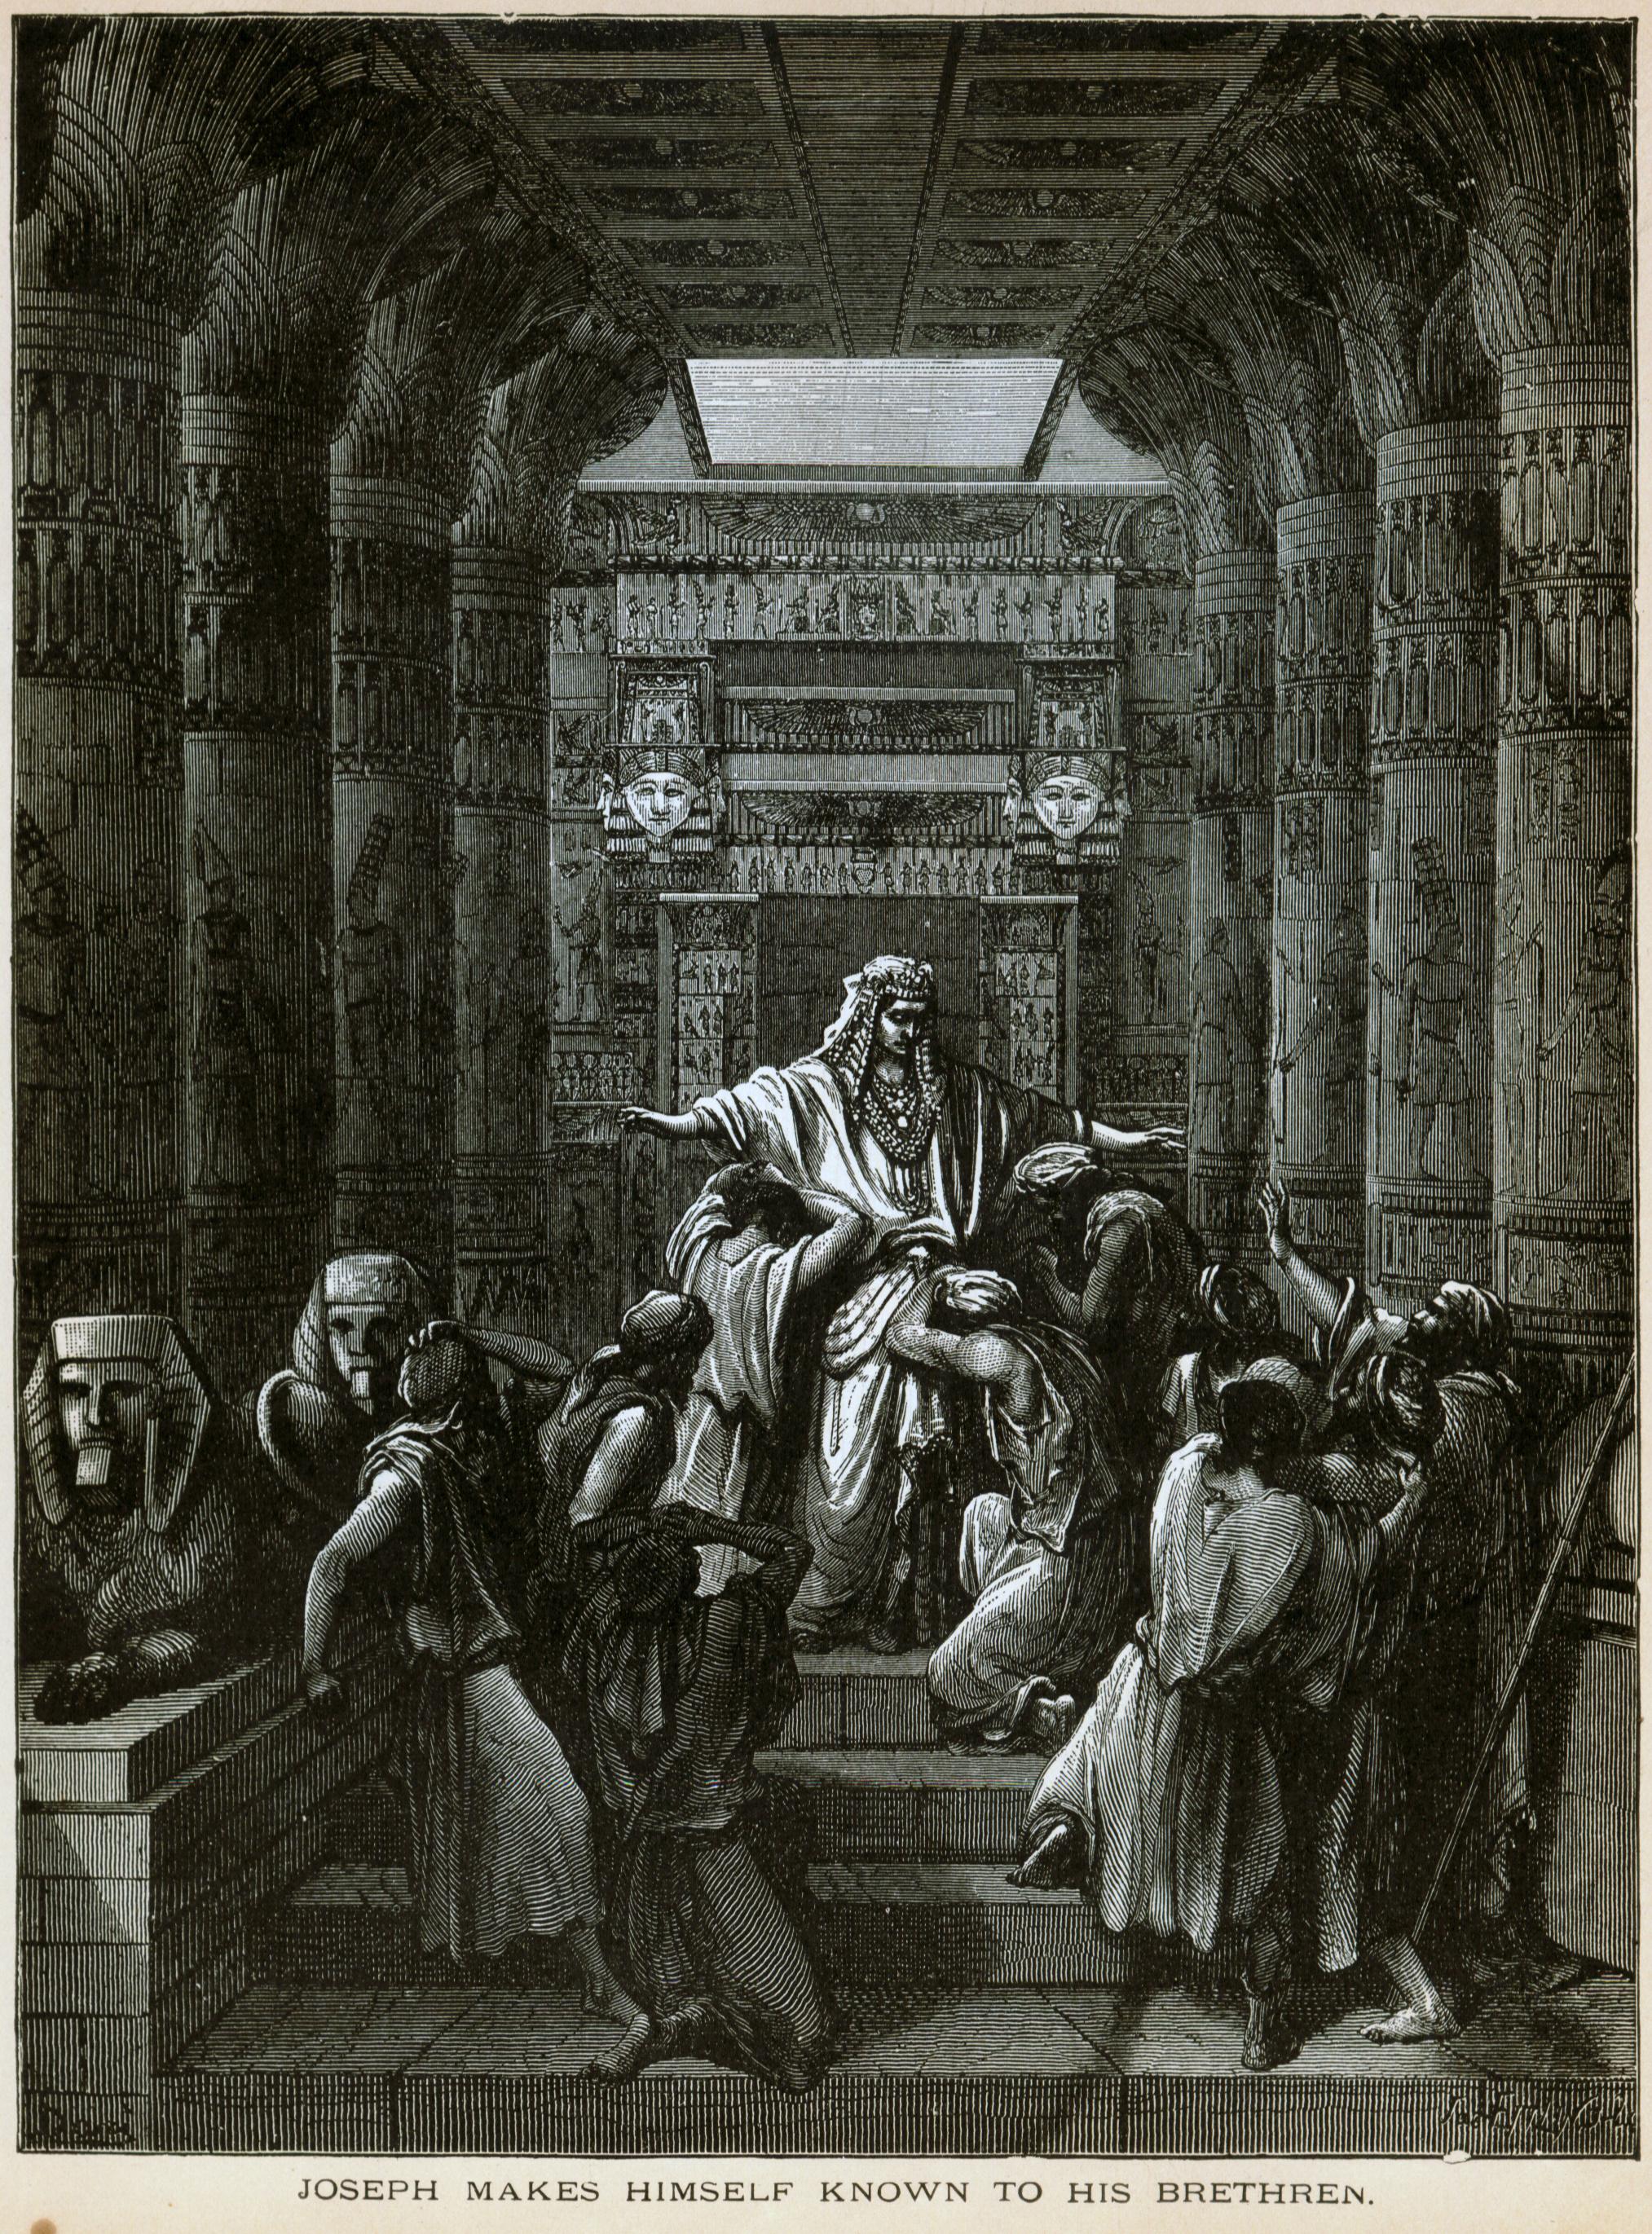 יוסף מתוודע לאחיו